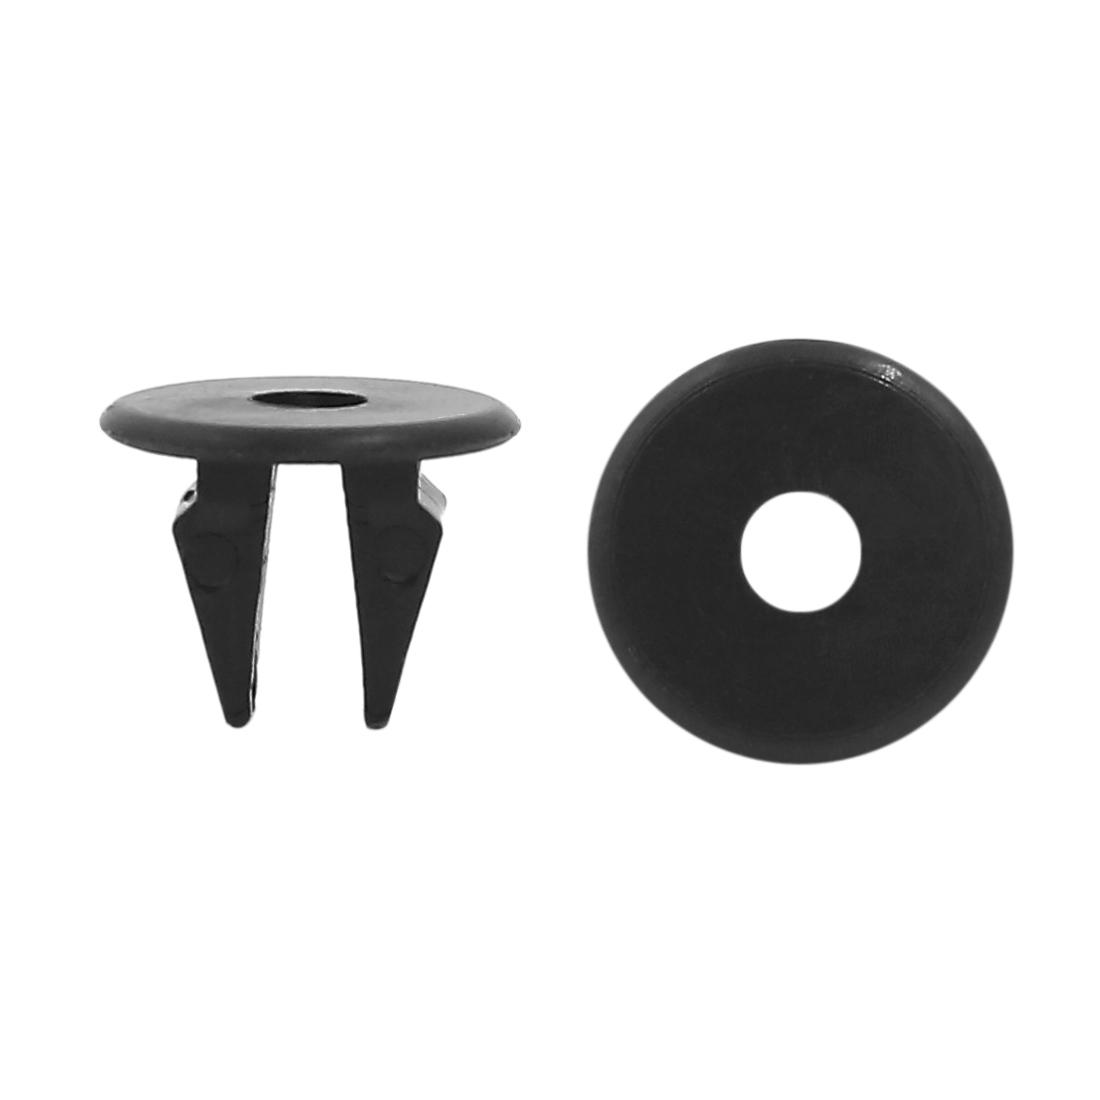 100Pcs Car Bumper Fender Square Plastic Rivets Retainer Clip 10mm x 8mm Hole Dia